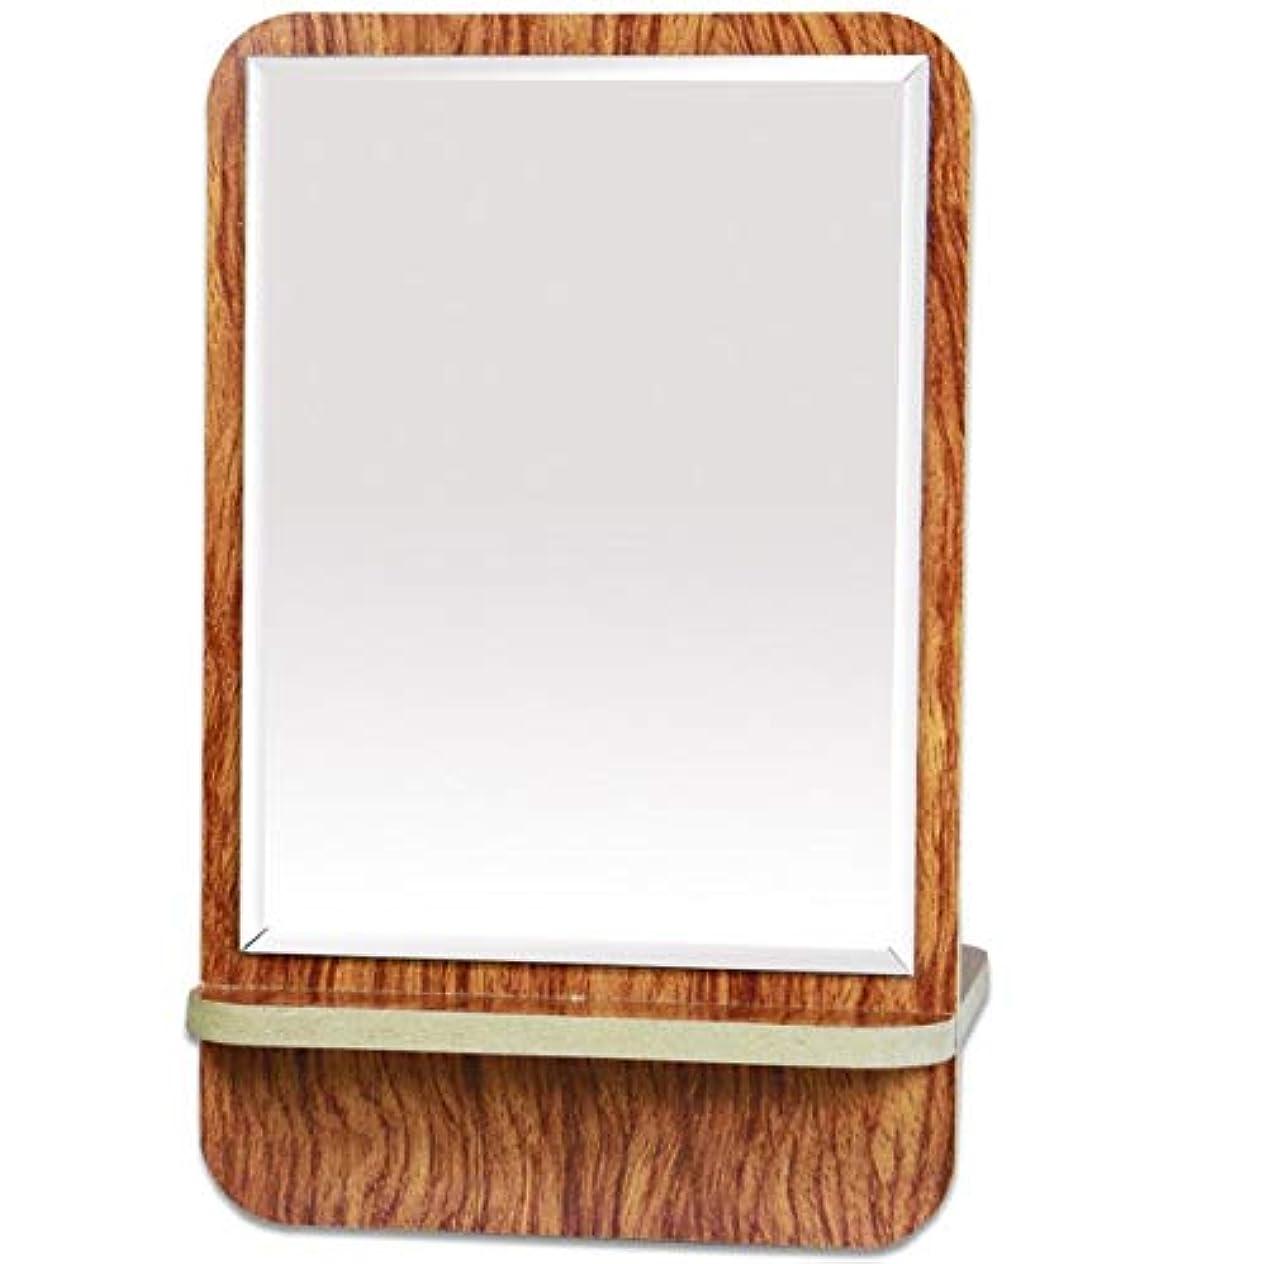 幻影抹消安全でない化粧鏡、木製の鏡、デスクトップ化粧鏡、化粧ギフト